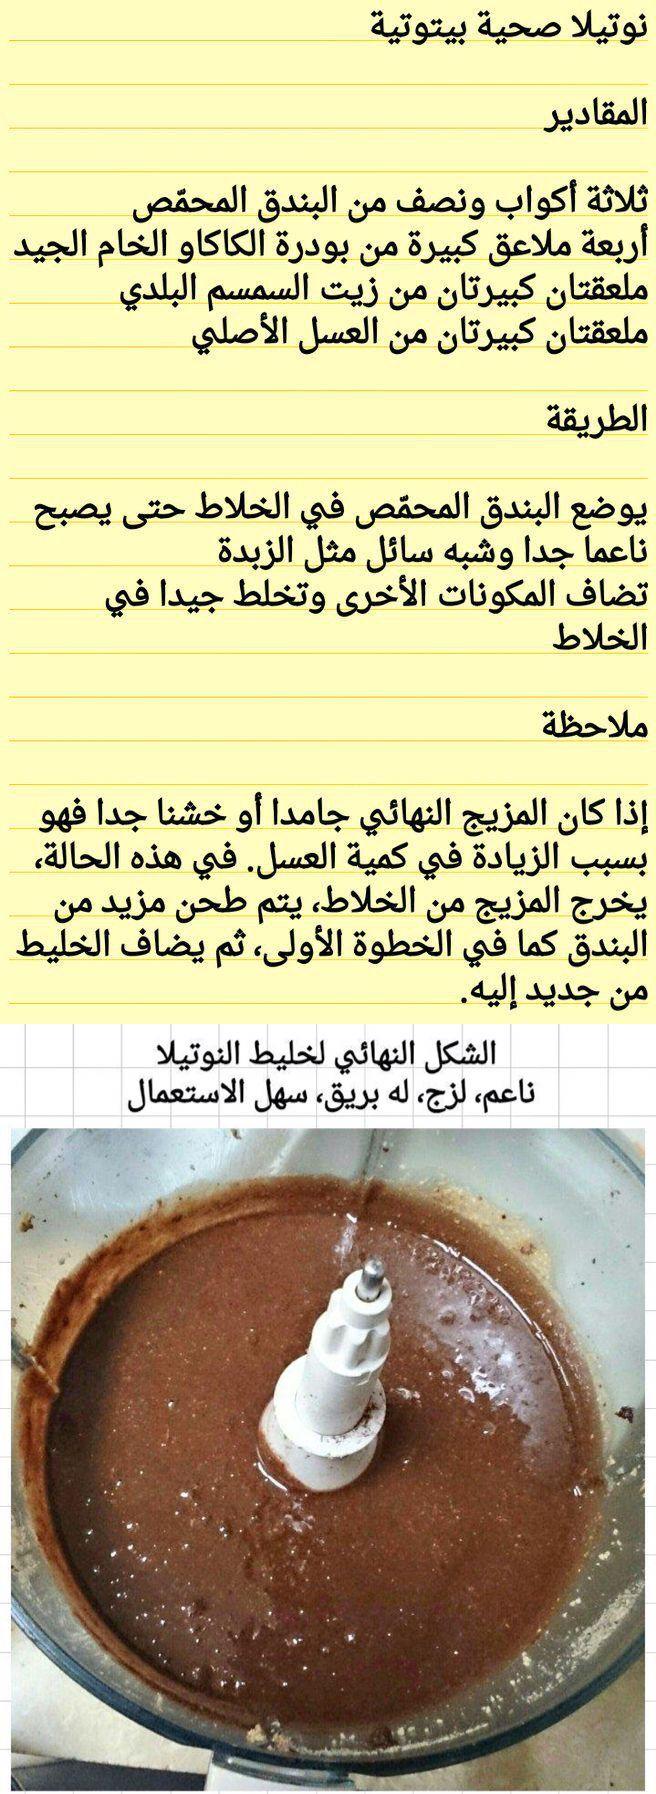 نوتيلا صحيه Food Recipes No Dairy Recipes